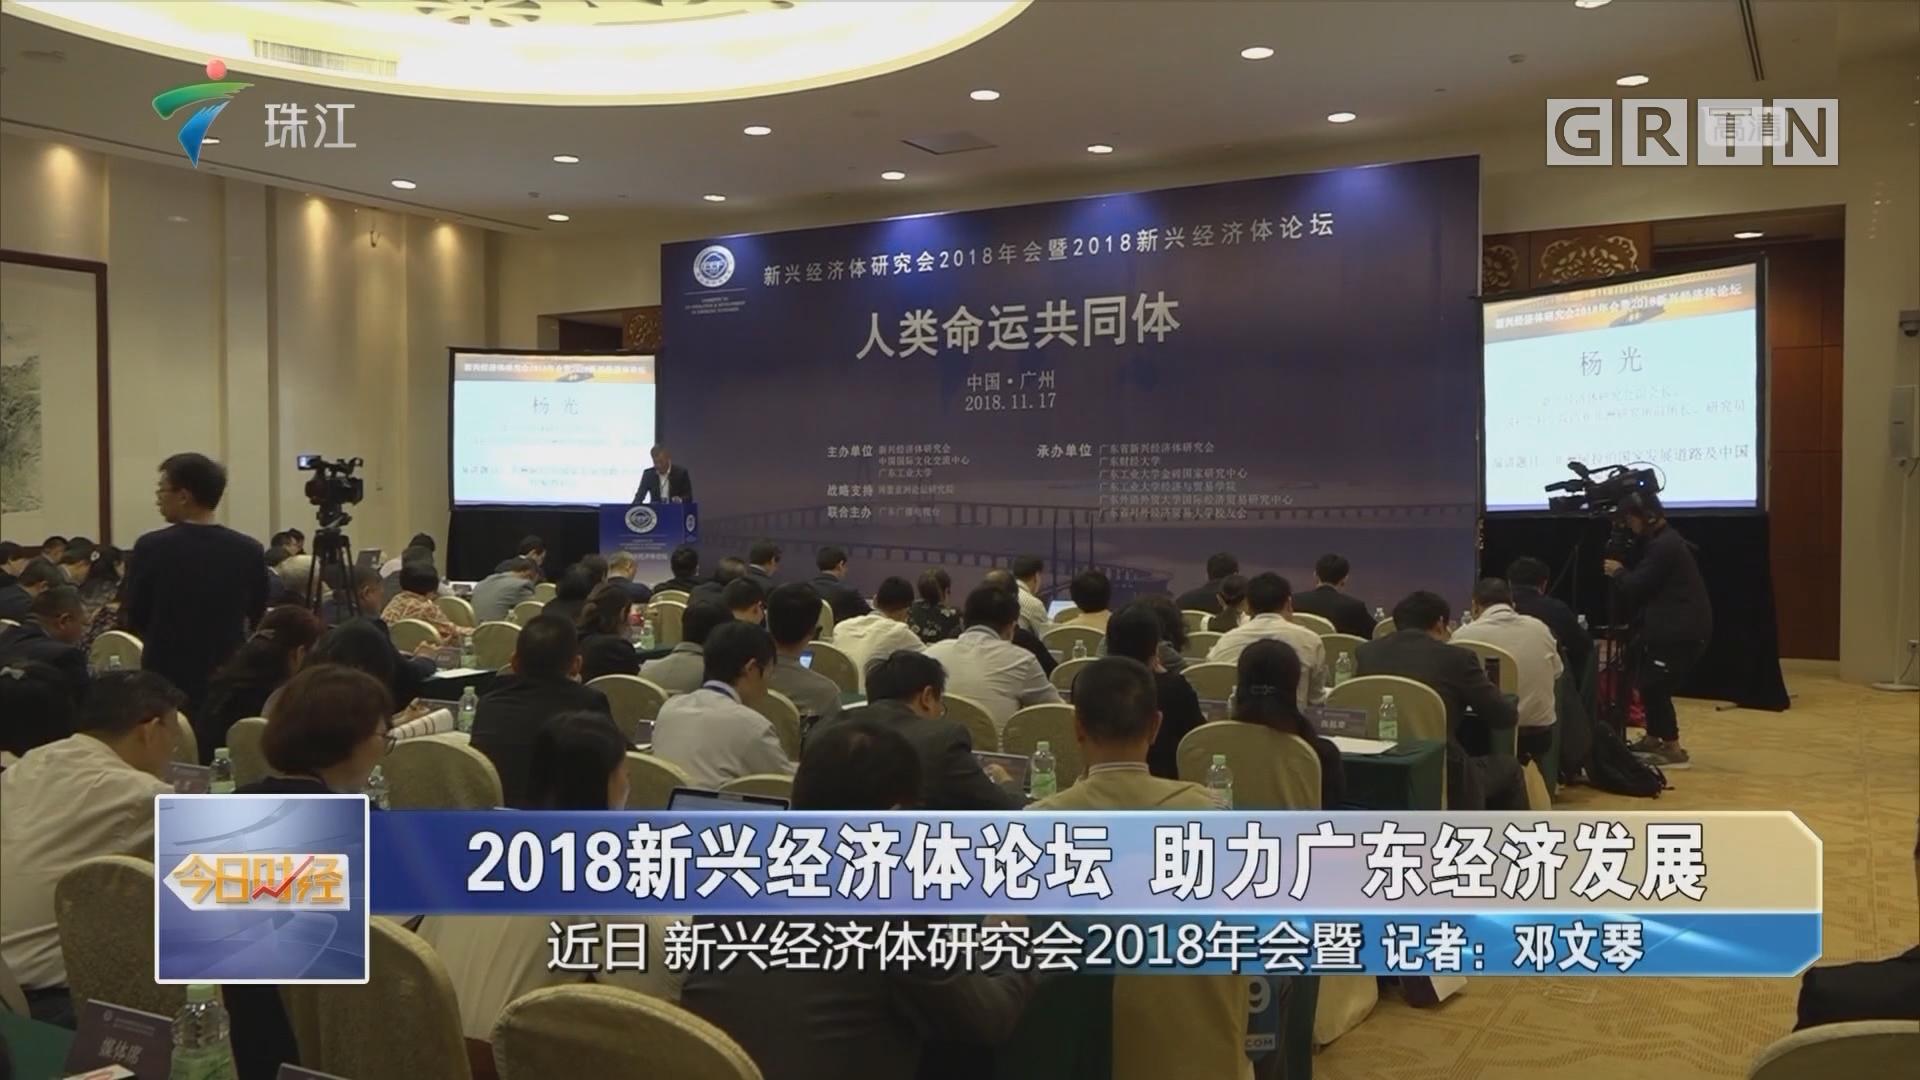 2018新兴经济体论坛 助力广东经济发展